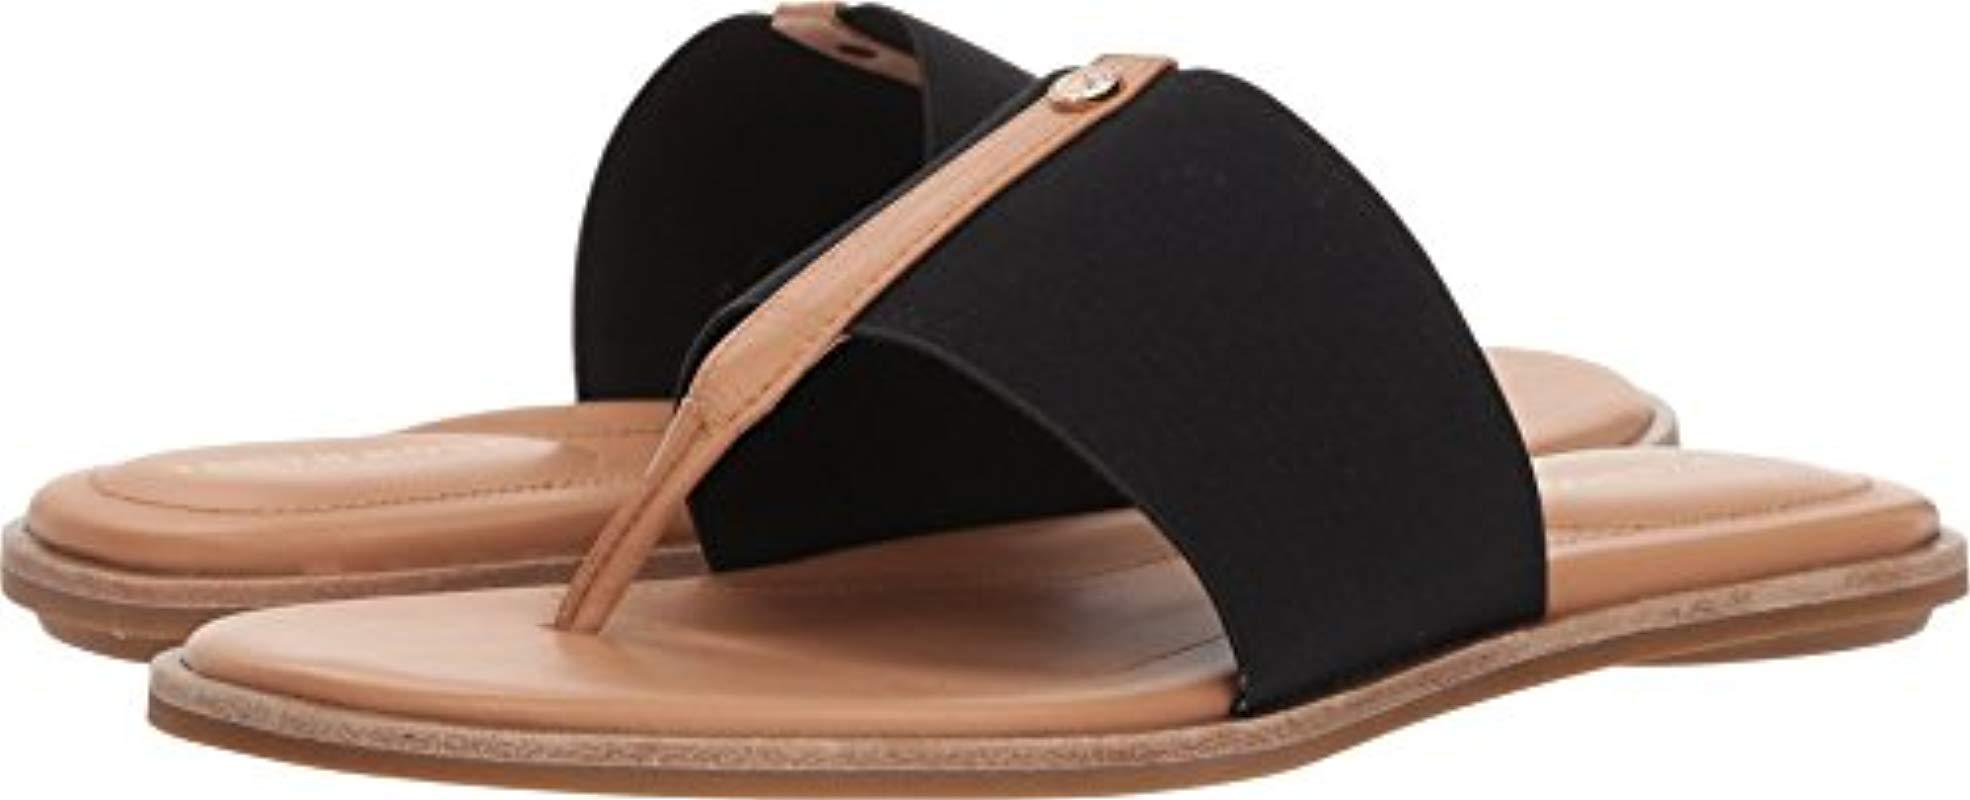 152bdf248f7 Lyst - Taryn Rose Kamryn Vachetta Flat Sandal in Black - Save 35%